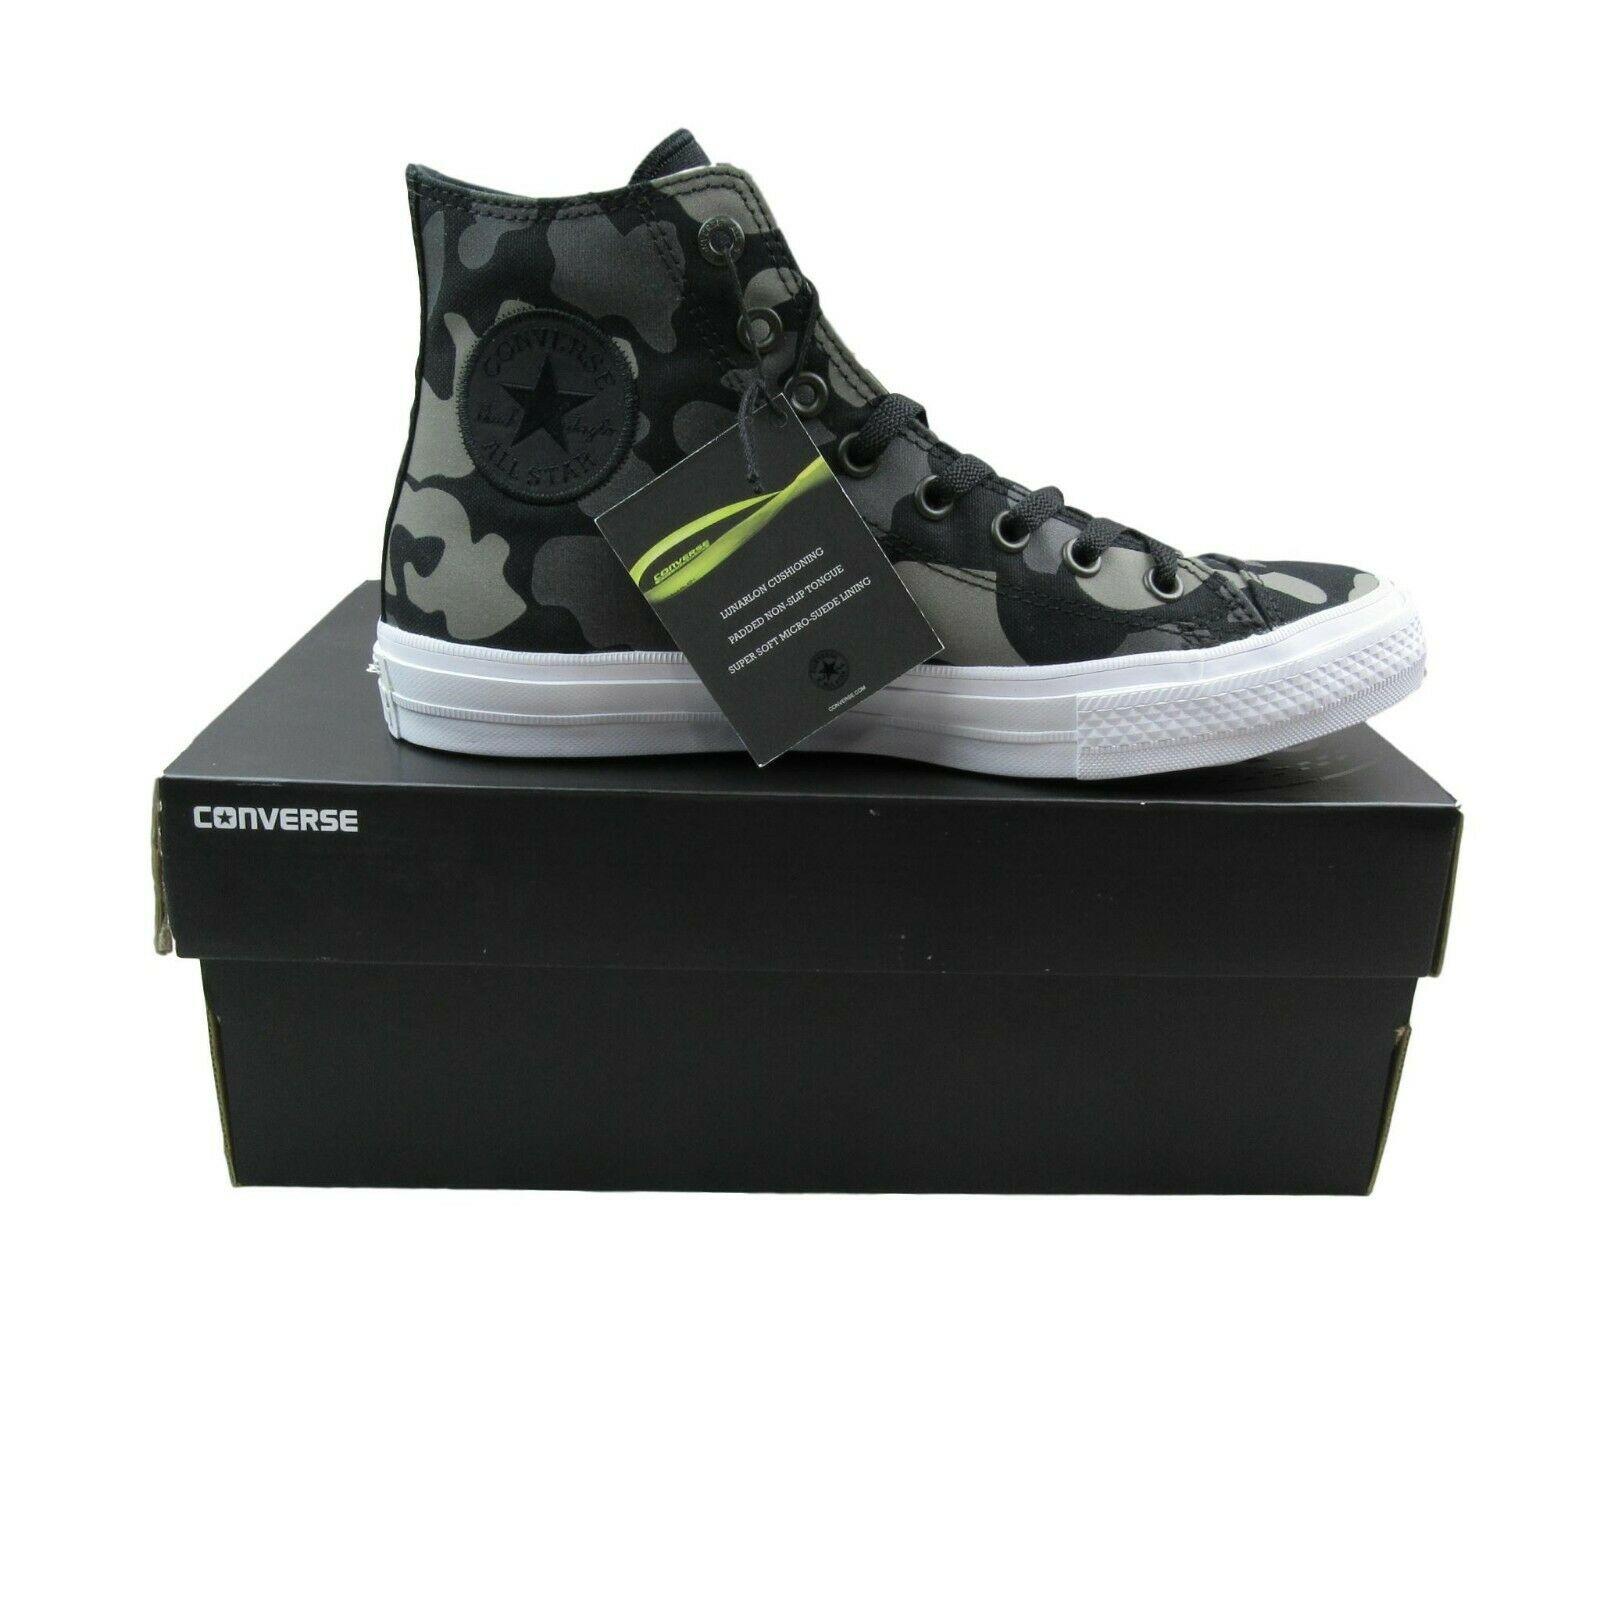 e5a593482d7ac Converse Chuck Taylor All Star II Hi Size 10.5 Shoes Charcoal Camo ...